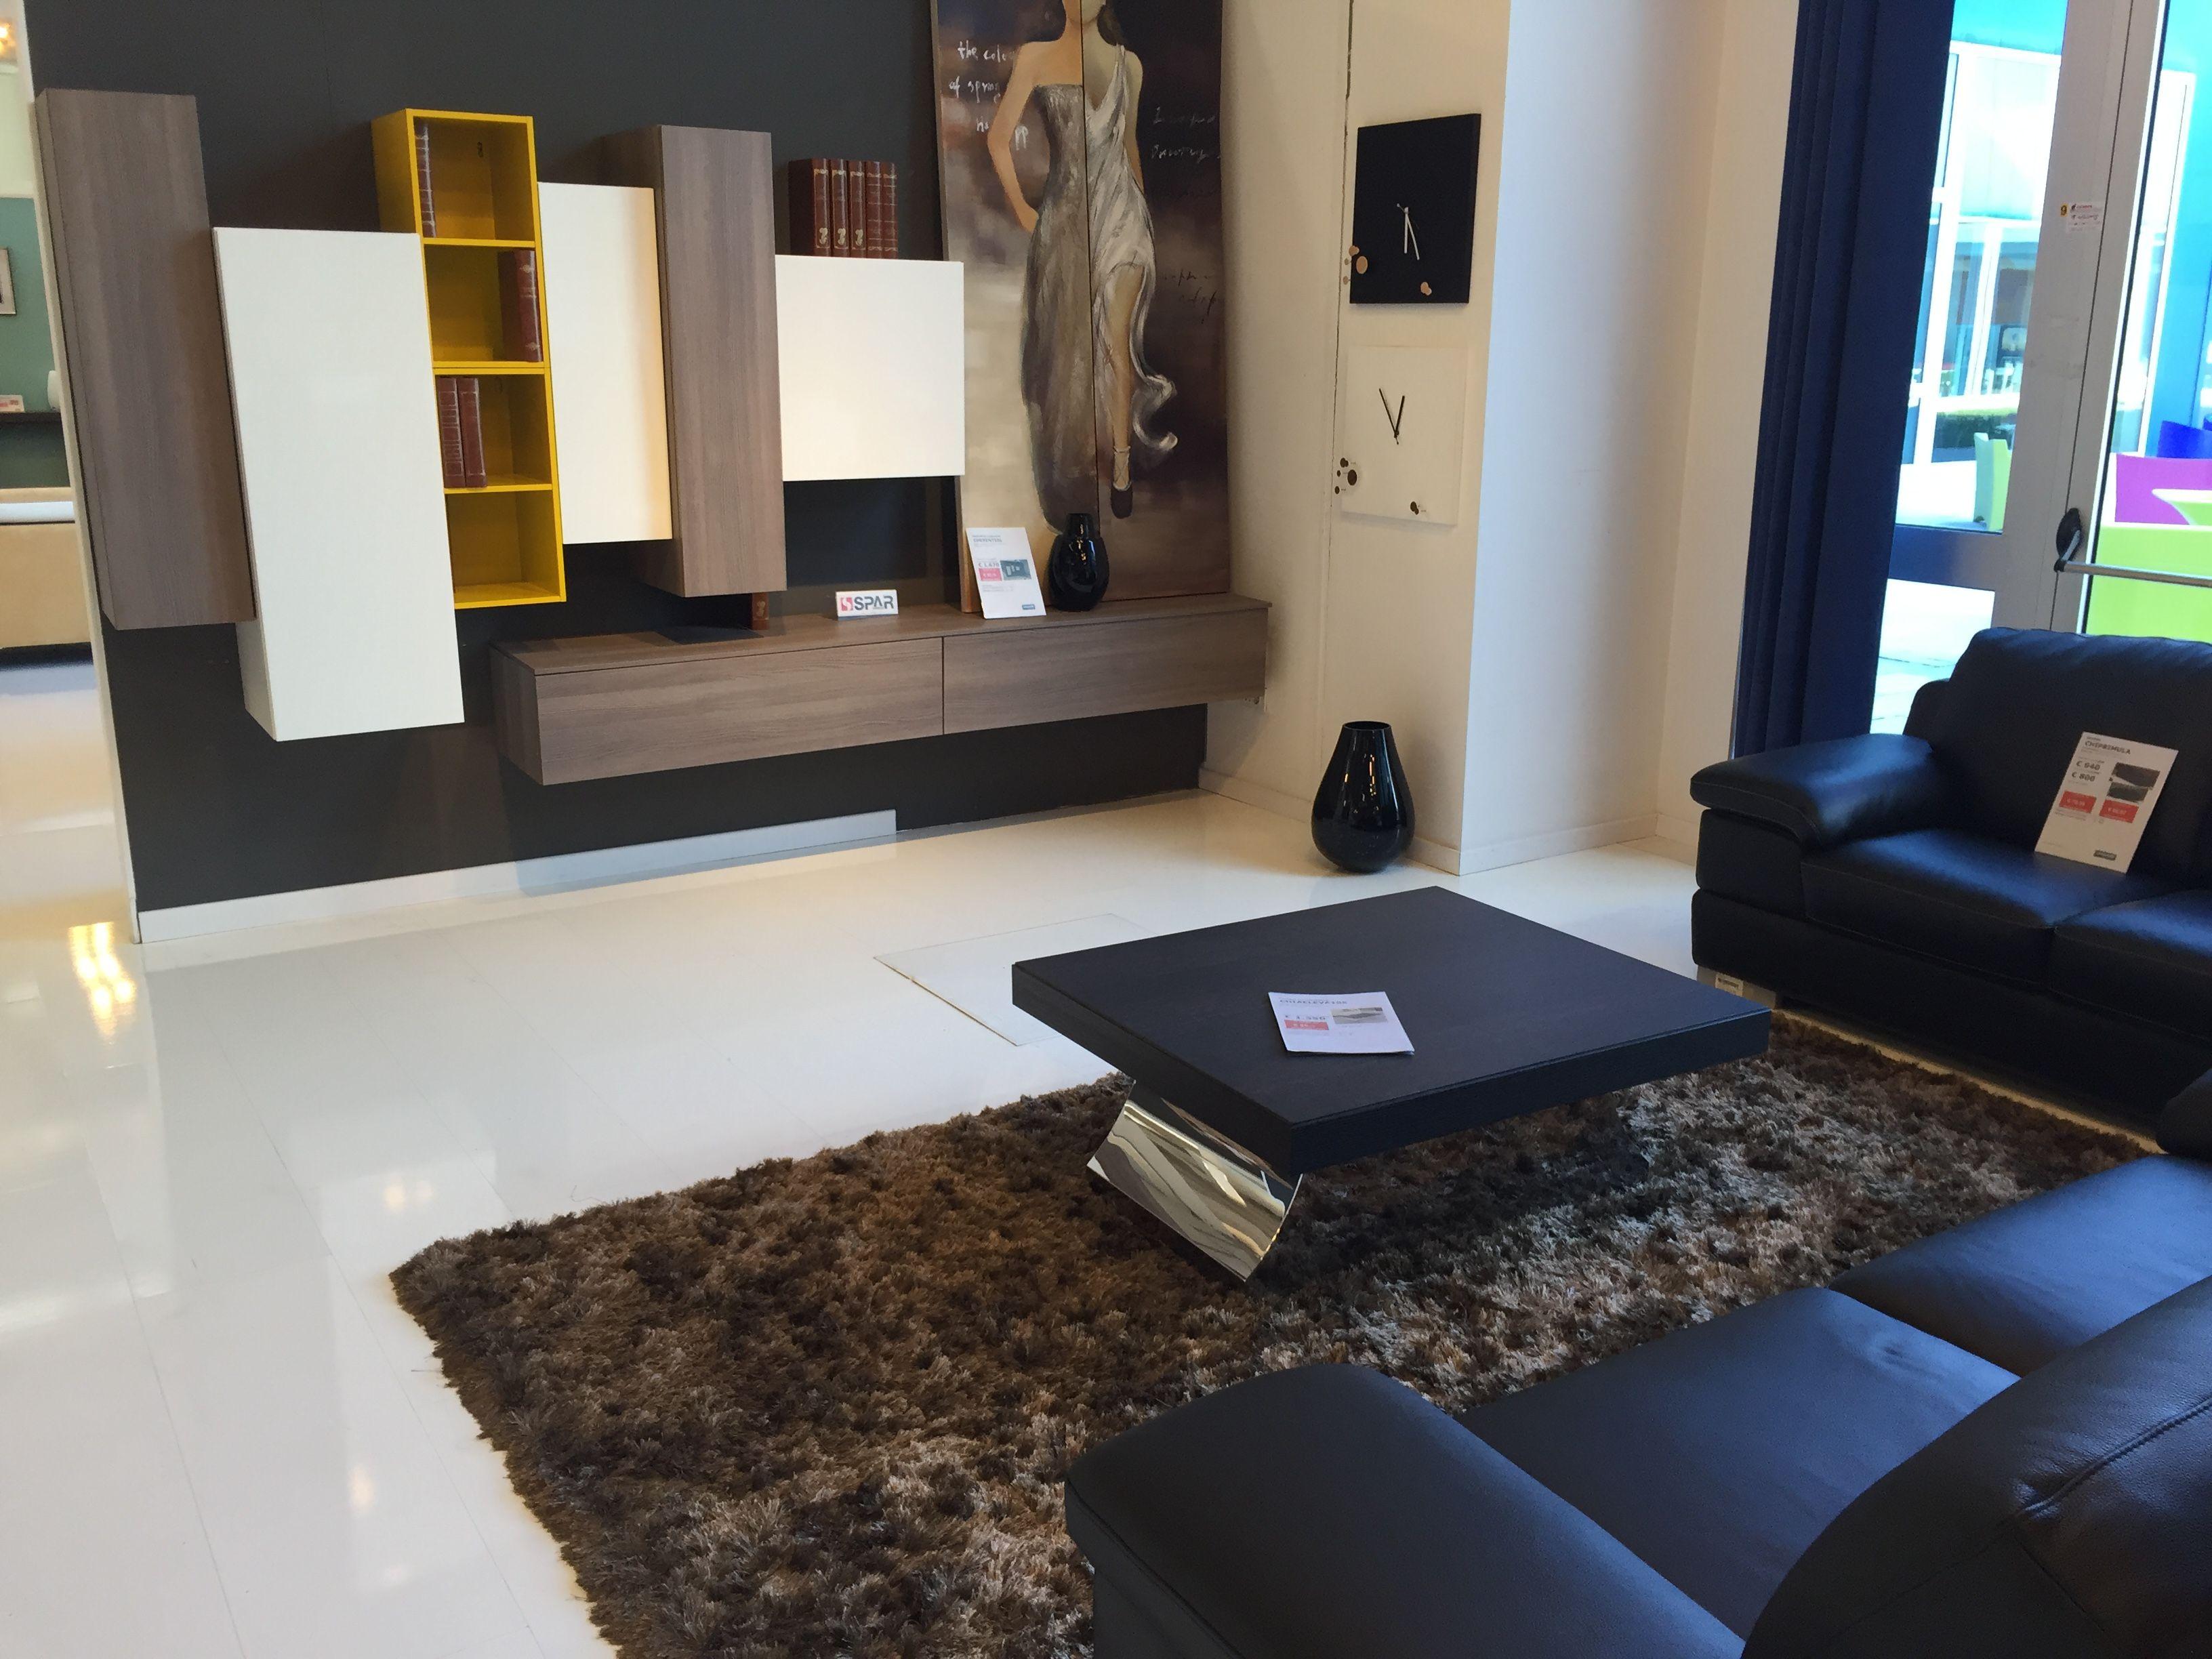 Chiarelli center arredamenti bari modugno divani for Arredamento bari